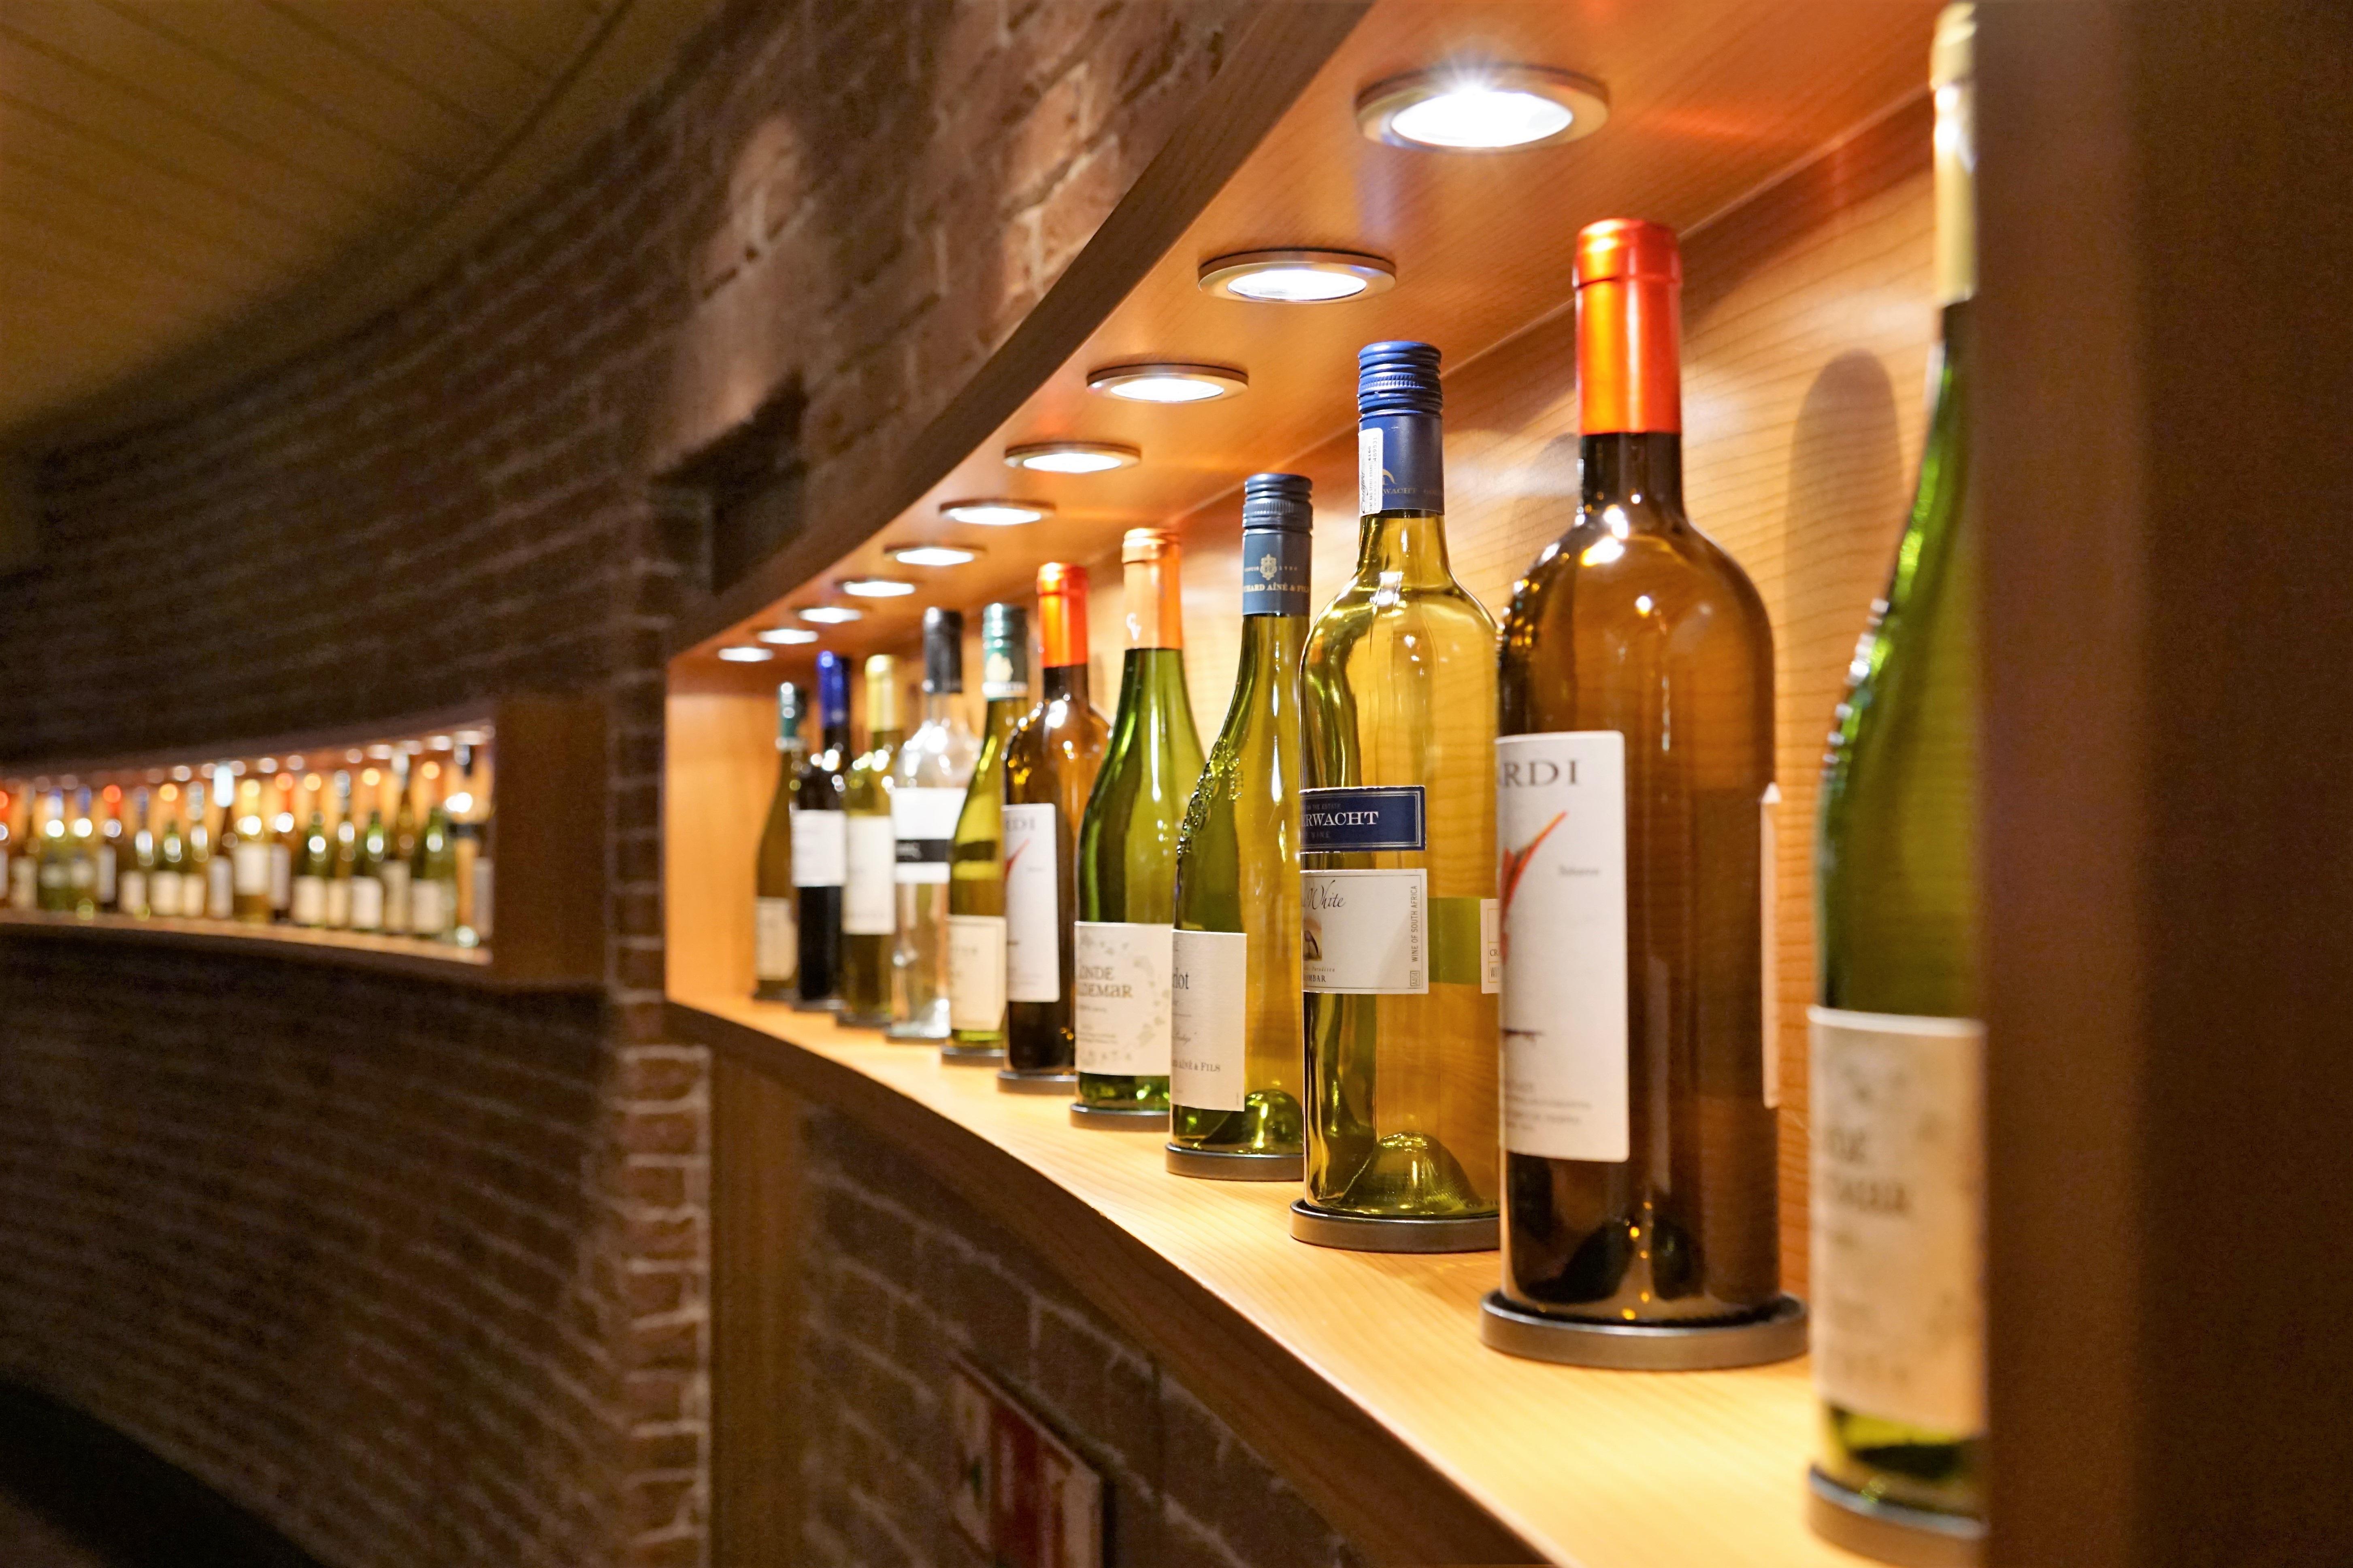 Fotos gratis : líquido, vaso, restaurante, bar, beber, estante ...